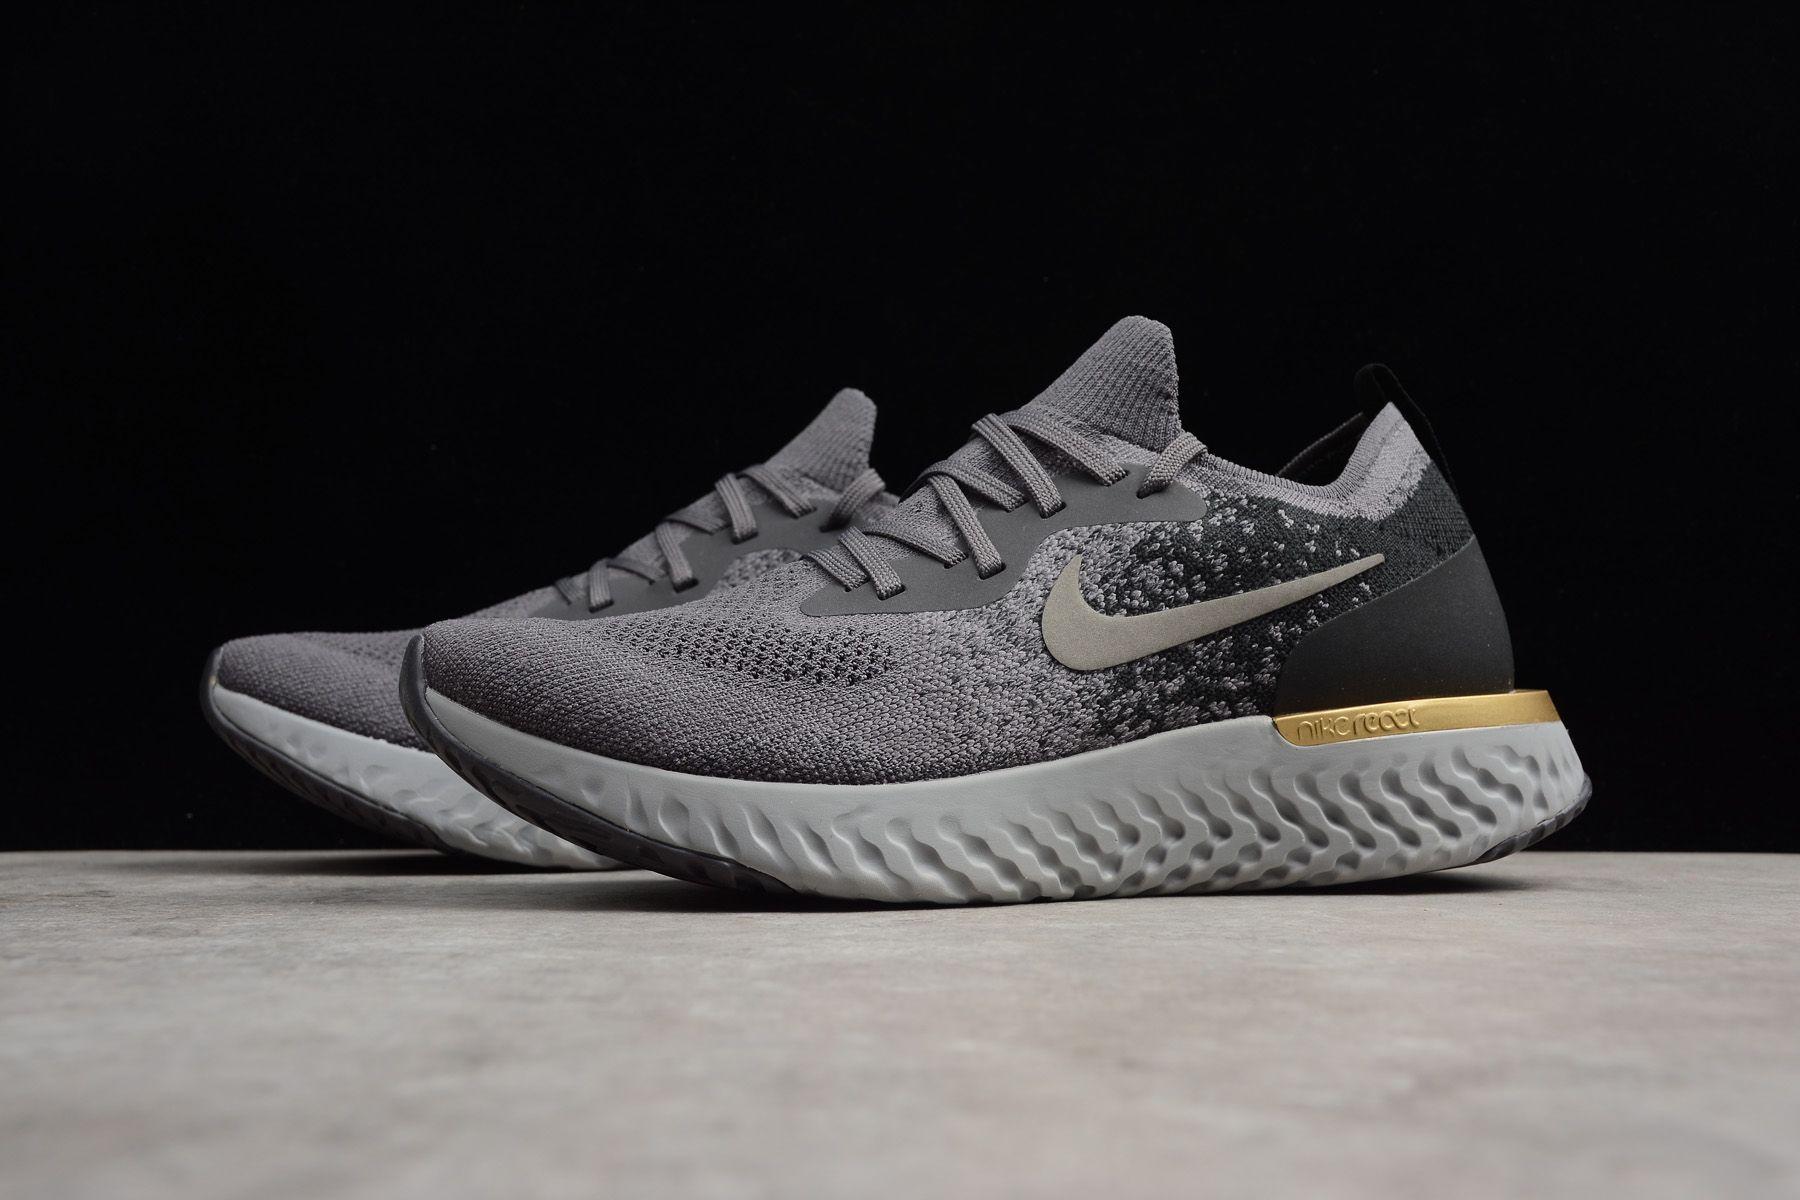 2018 Nike Epic React Flyknit Grey Black-Gold Running Shoes  faacf8aca4